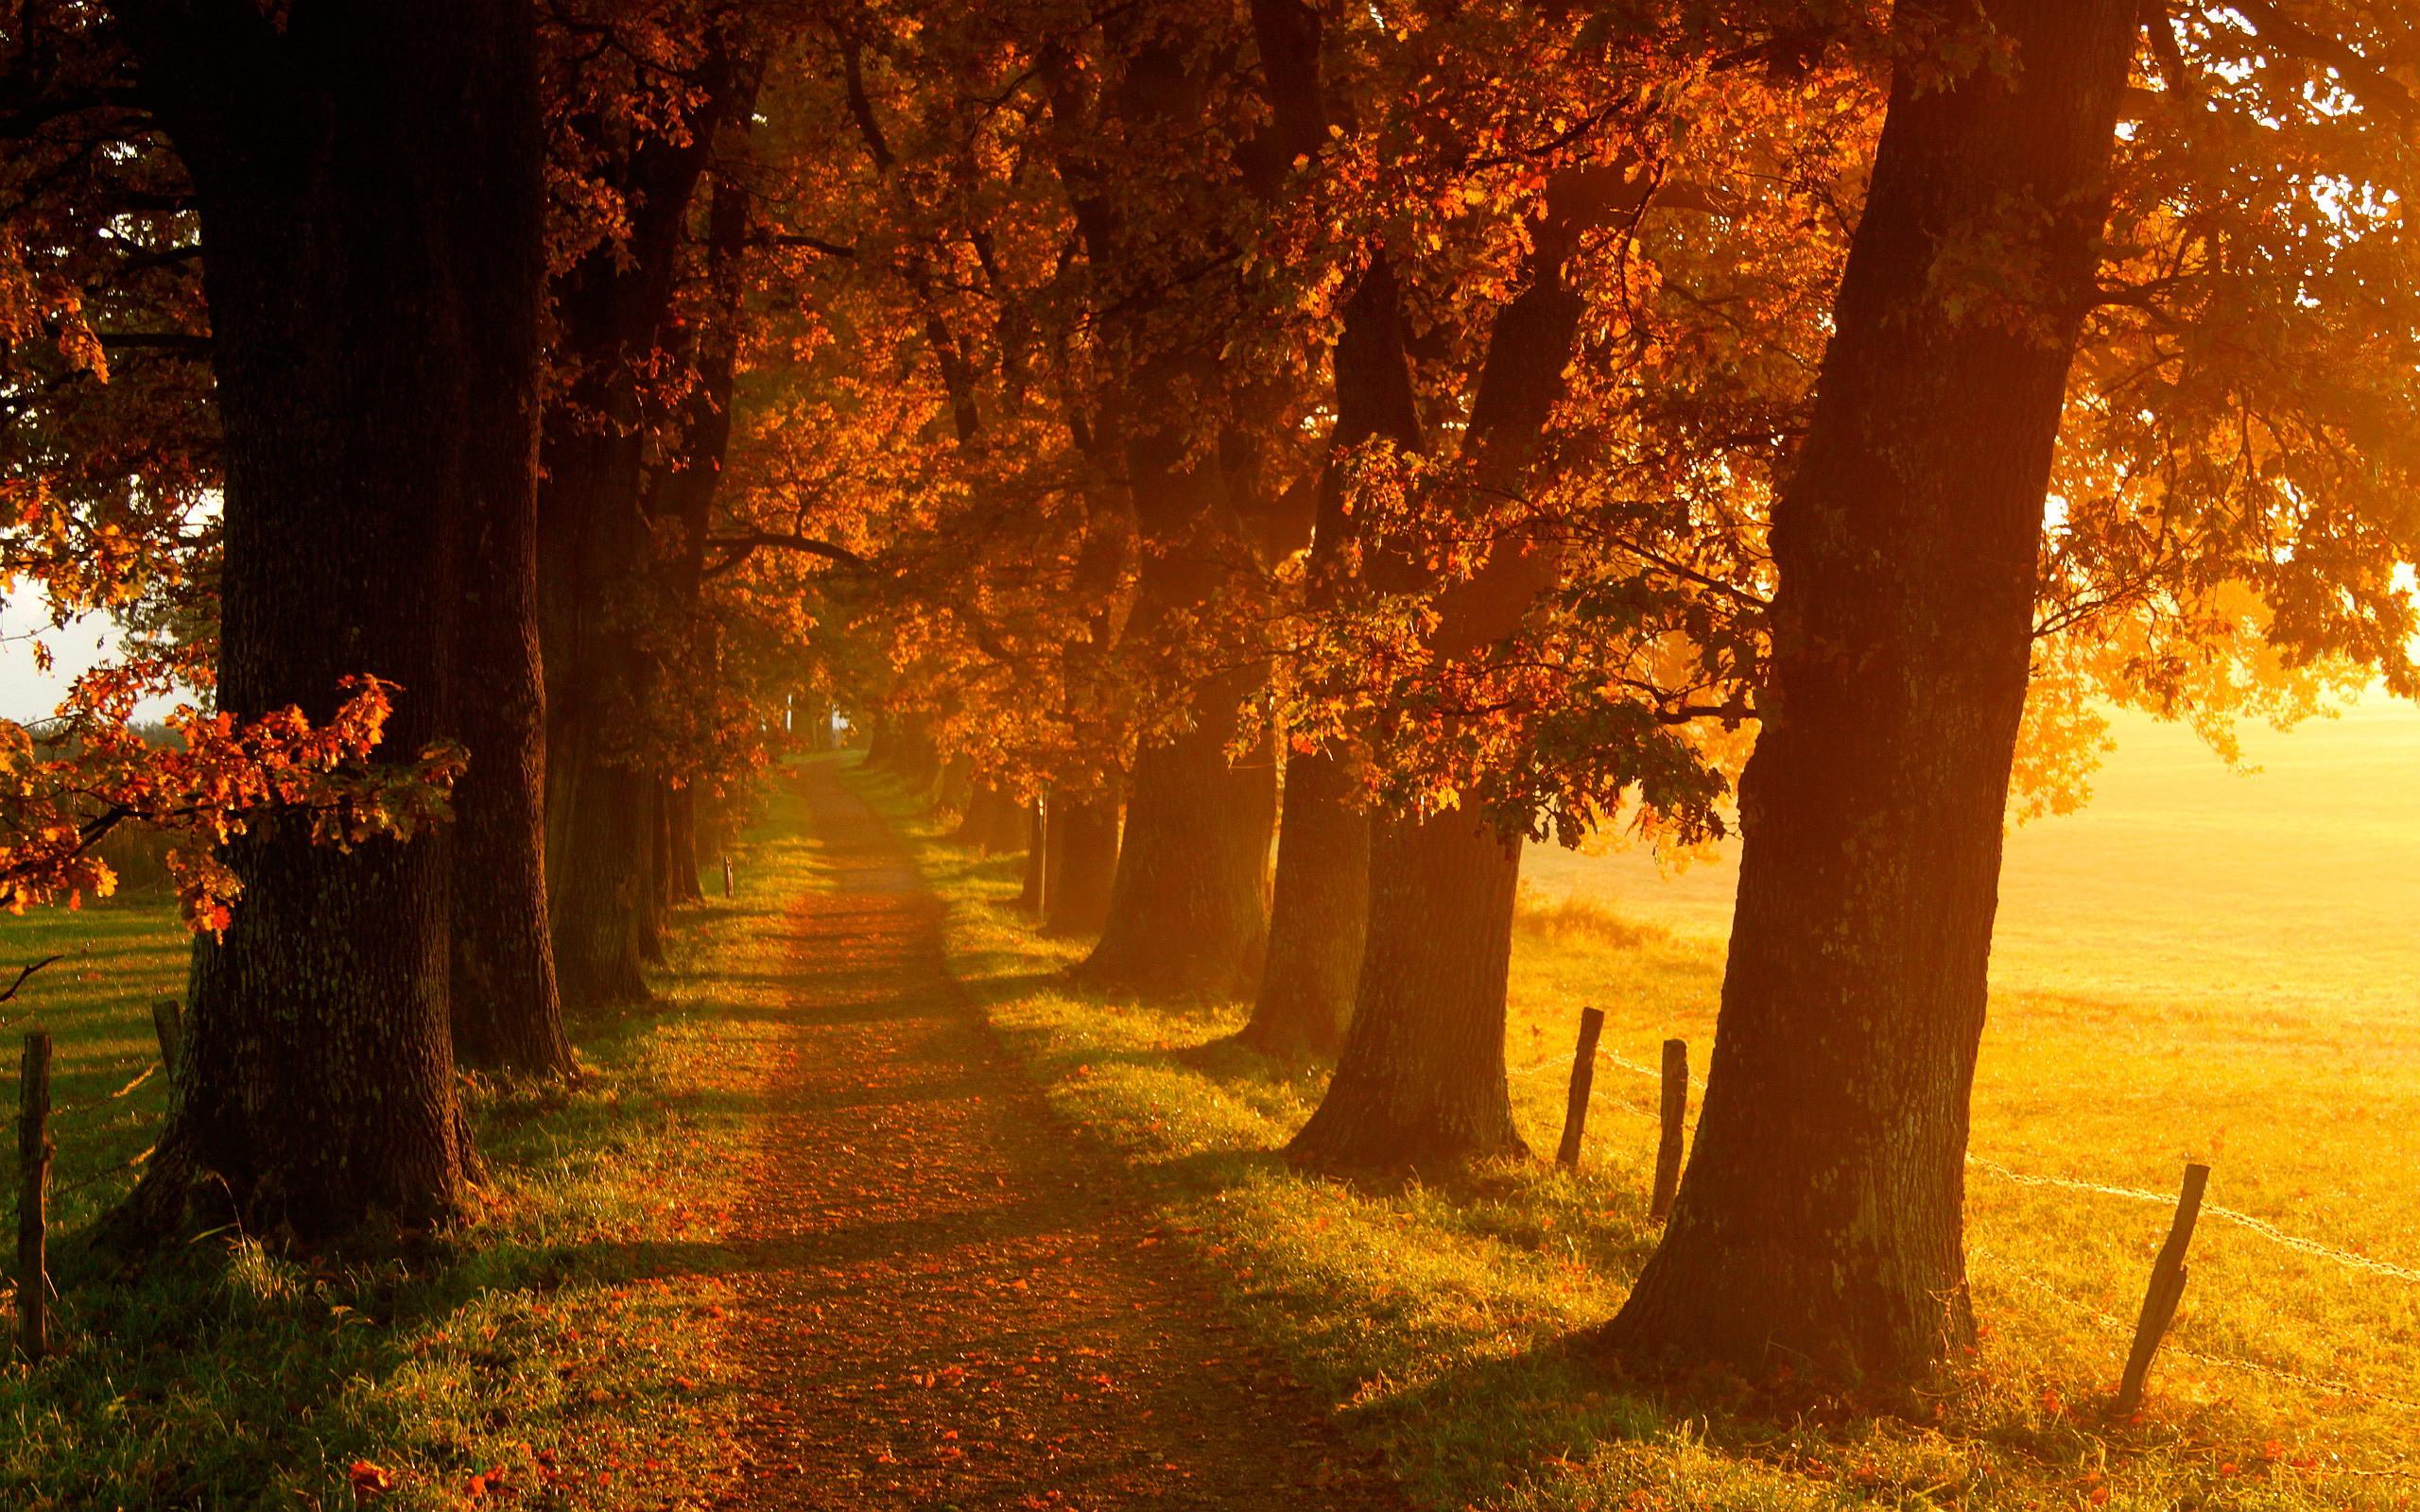 Autumn Scenery   Autumn Wallpaper 35580364 2560x1600